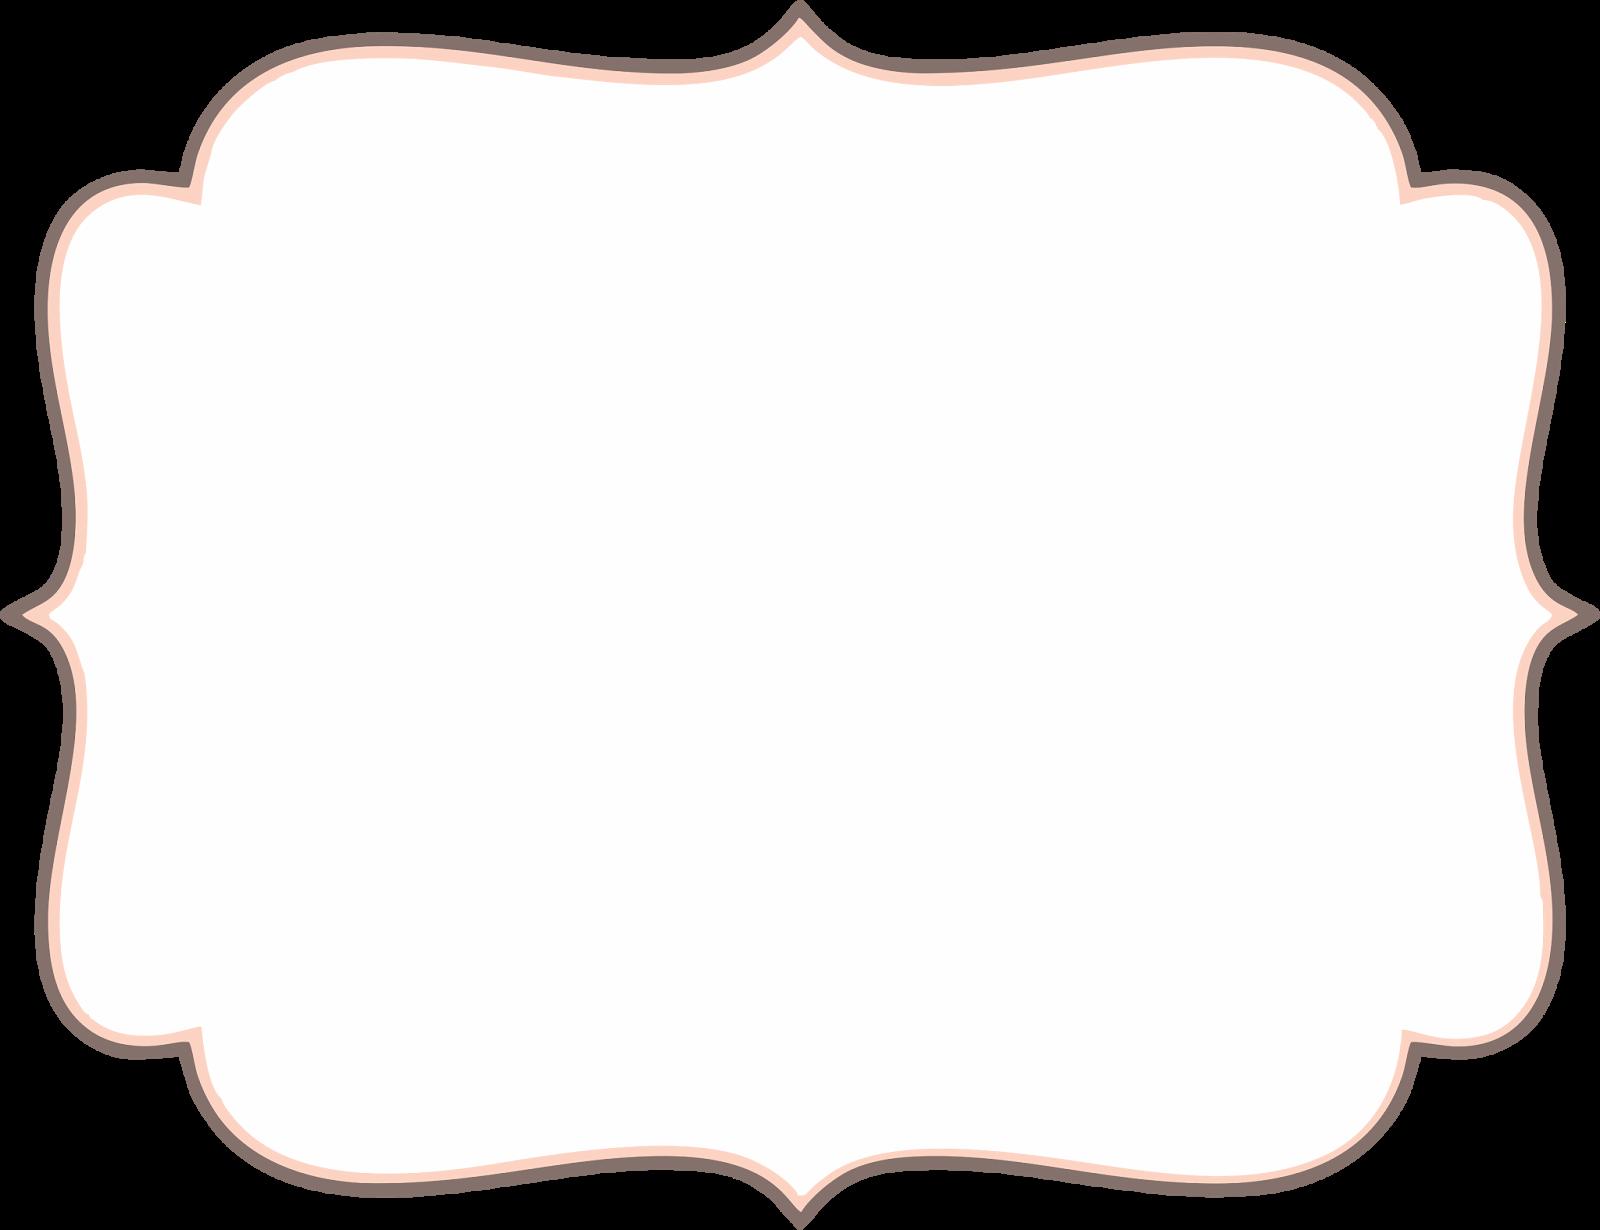 Frames em Png grátis para baixar | Clipart | Frame ...